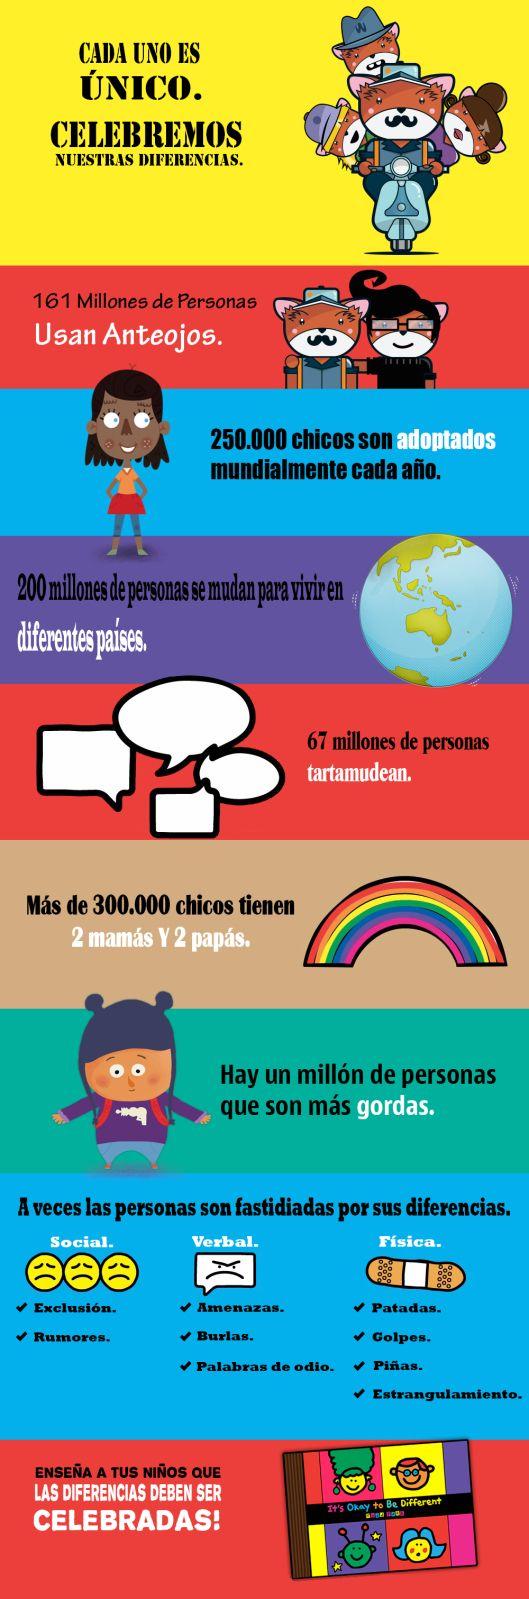 Celebremos las diferencias: contra el acoso escolar. [Traducida del inglés por Rosana Greco y Nadia Caraballo y redibujada digitlamente por Nicolas Ance.]